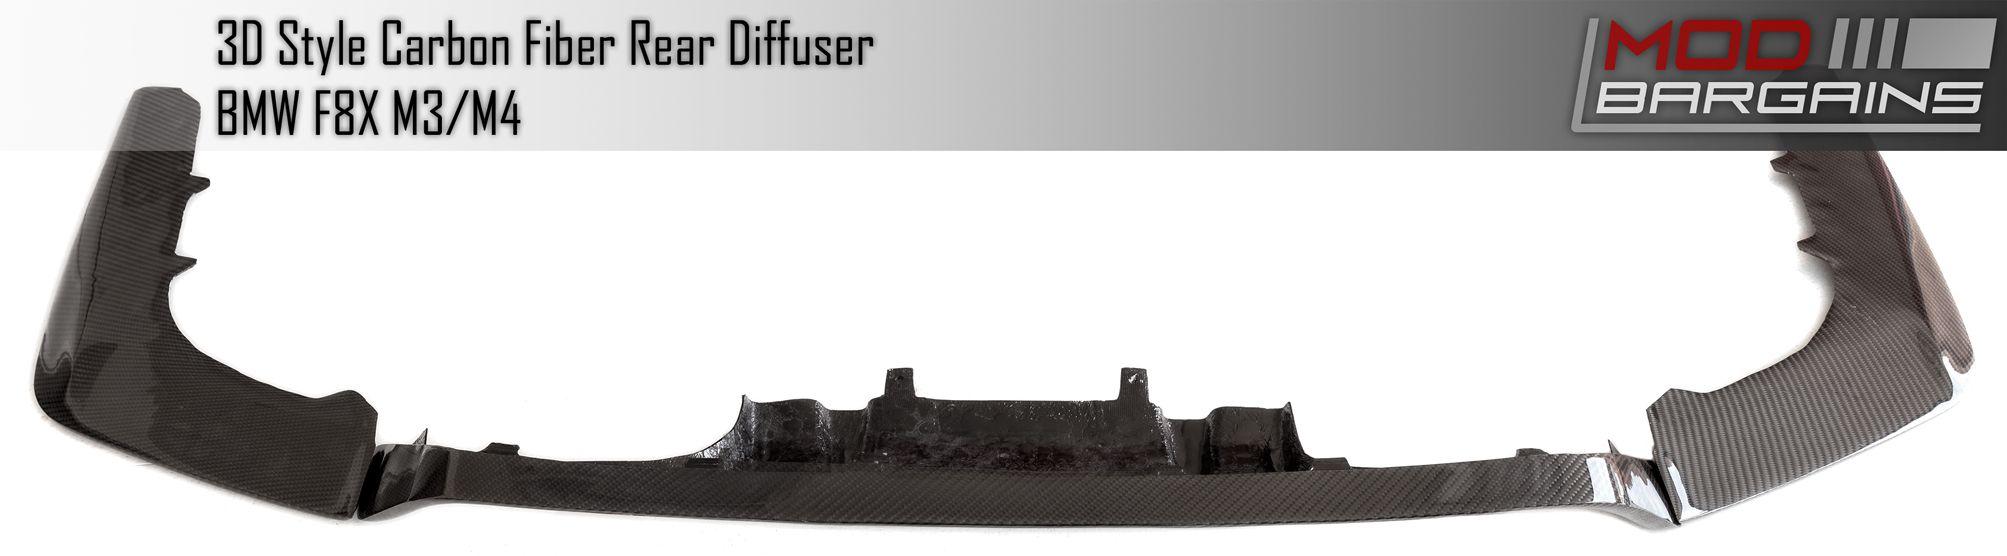 Carbon Fiber 3D Rear Diffuser for BMW BMDI8X05